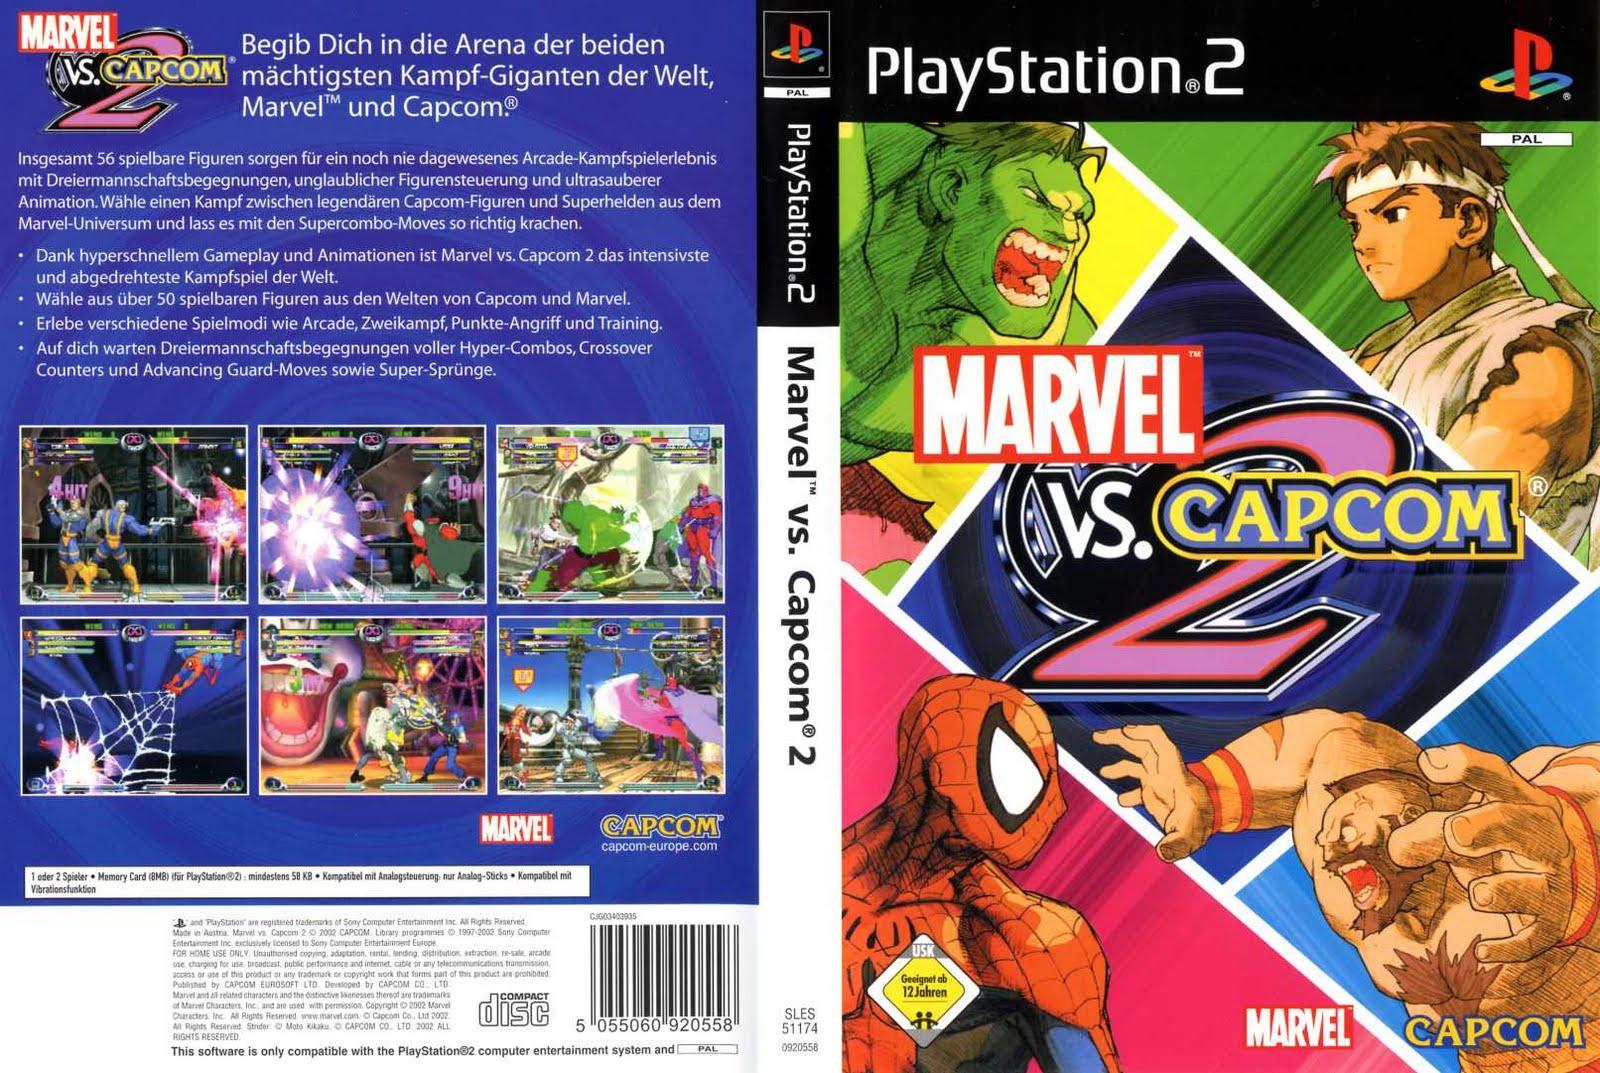 Marvel Vs Capcom Ps2 Rom Download